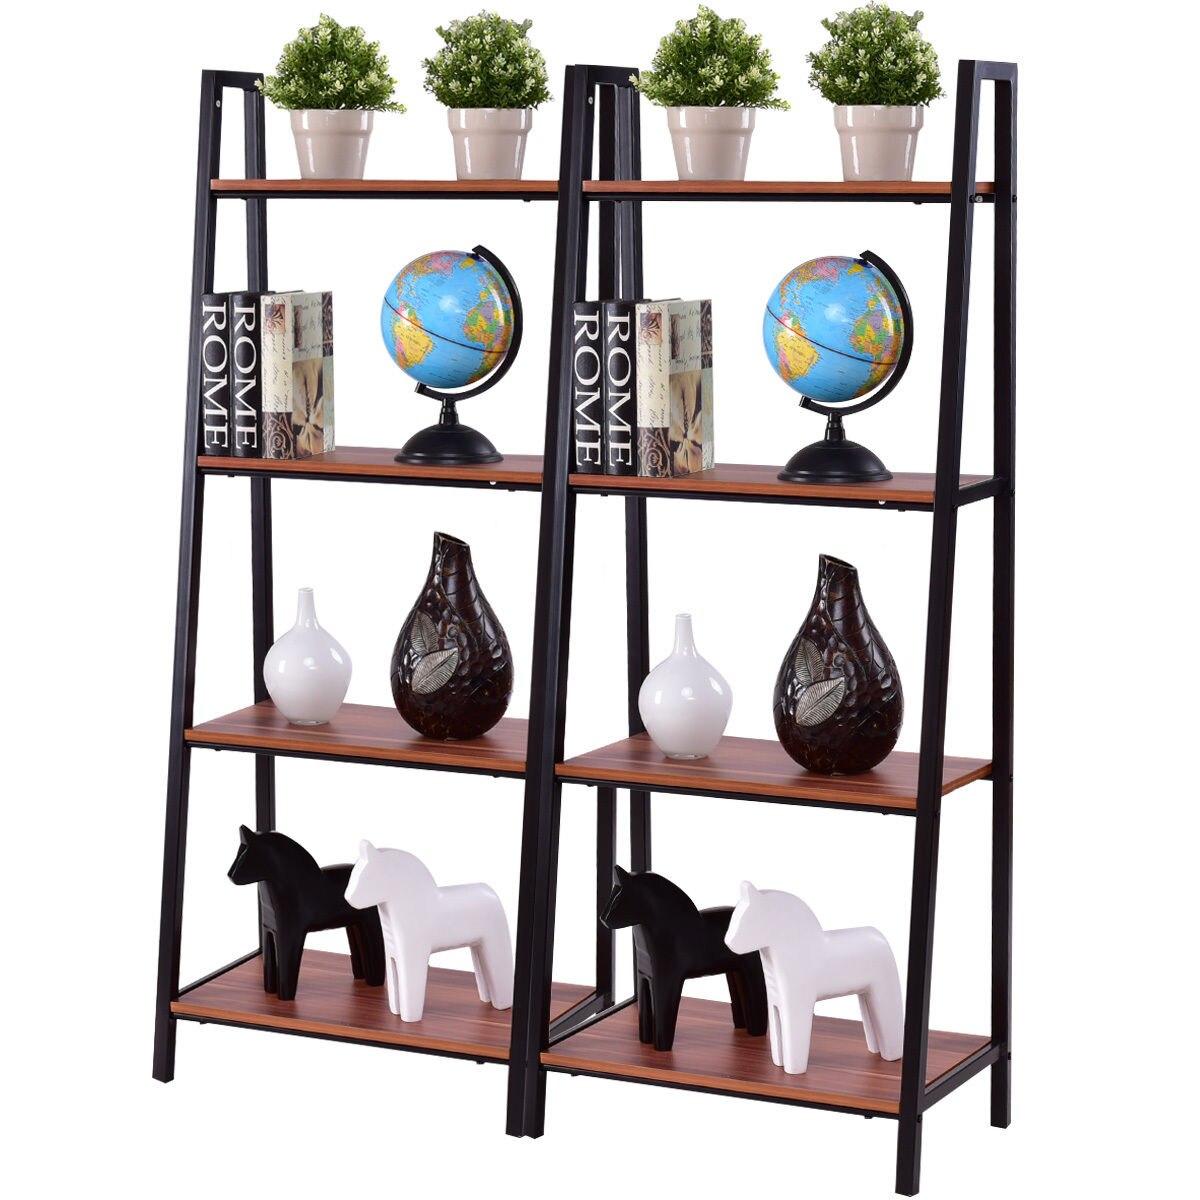 Giantex 2 шт 4 ярусная Лестница Полка для хранения гостиная настенный книжный шкаф комплект современный Этажерка мебель для дома HW55458